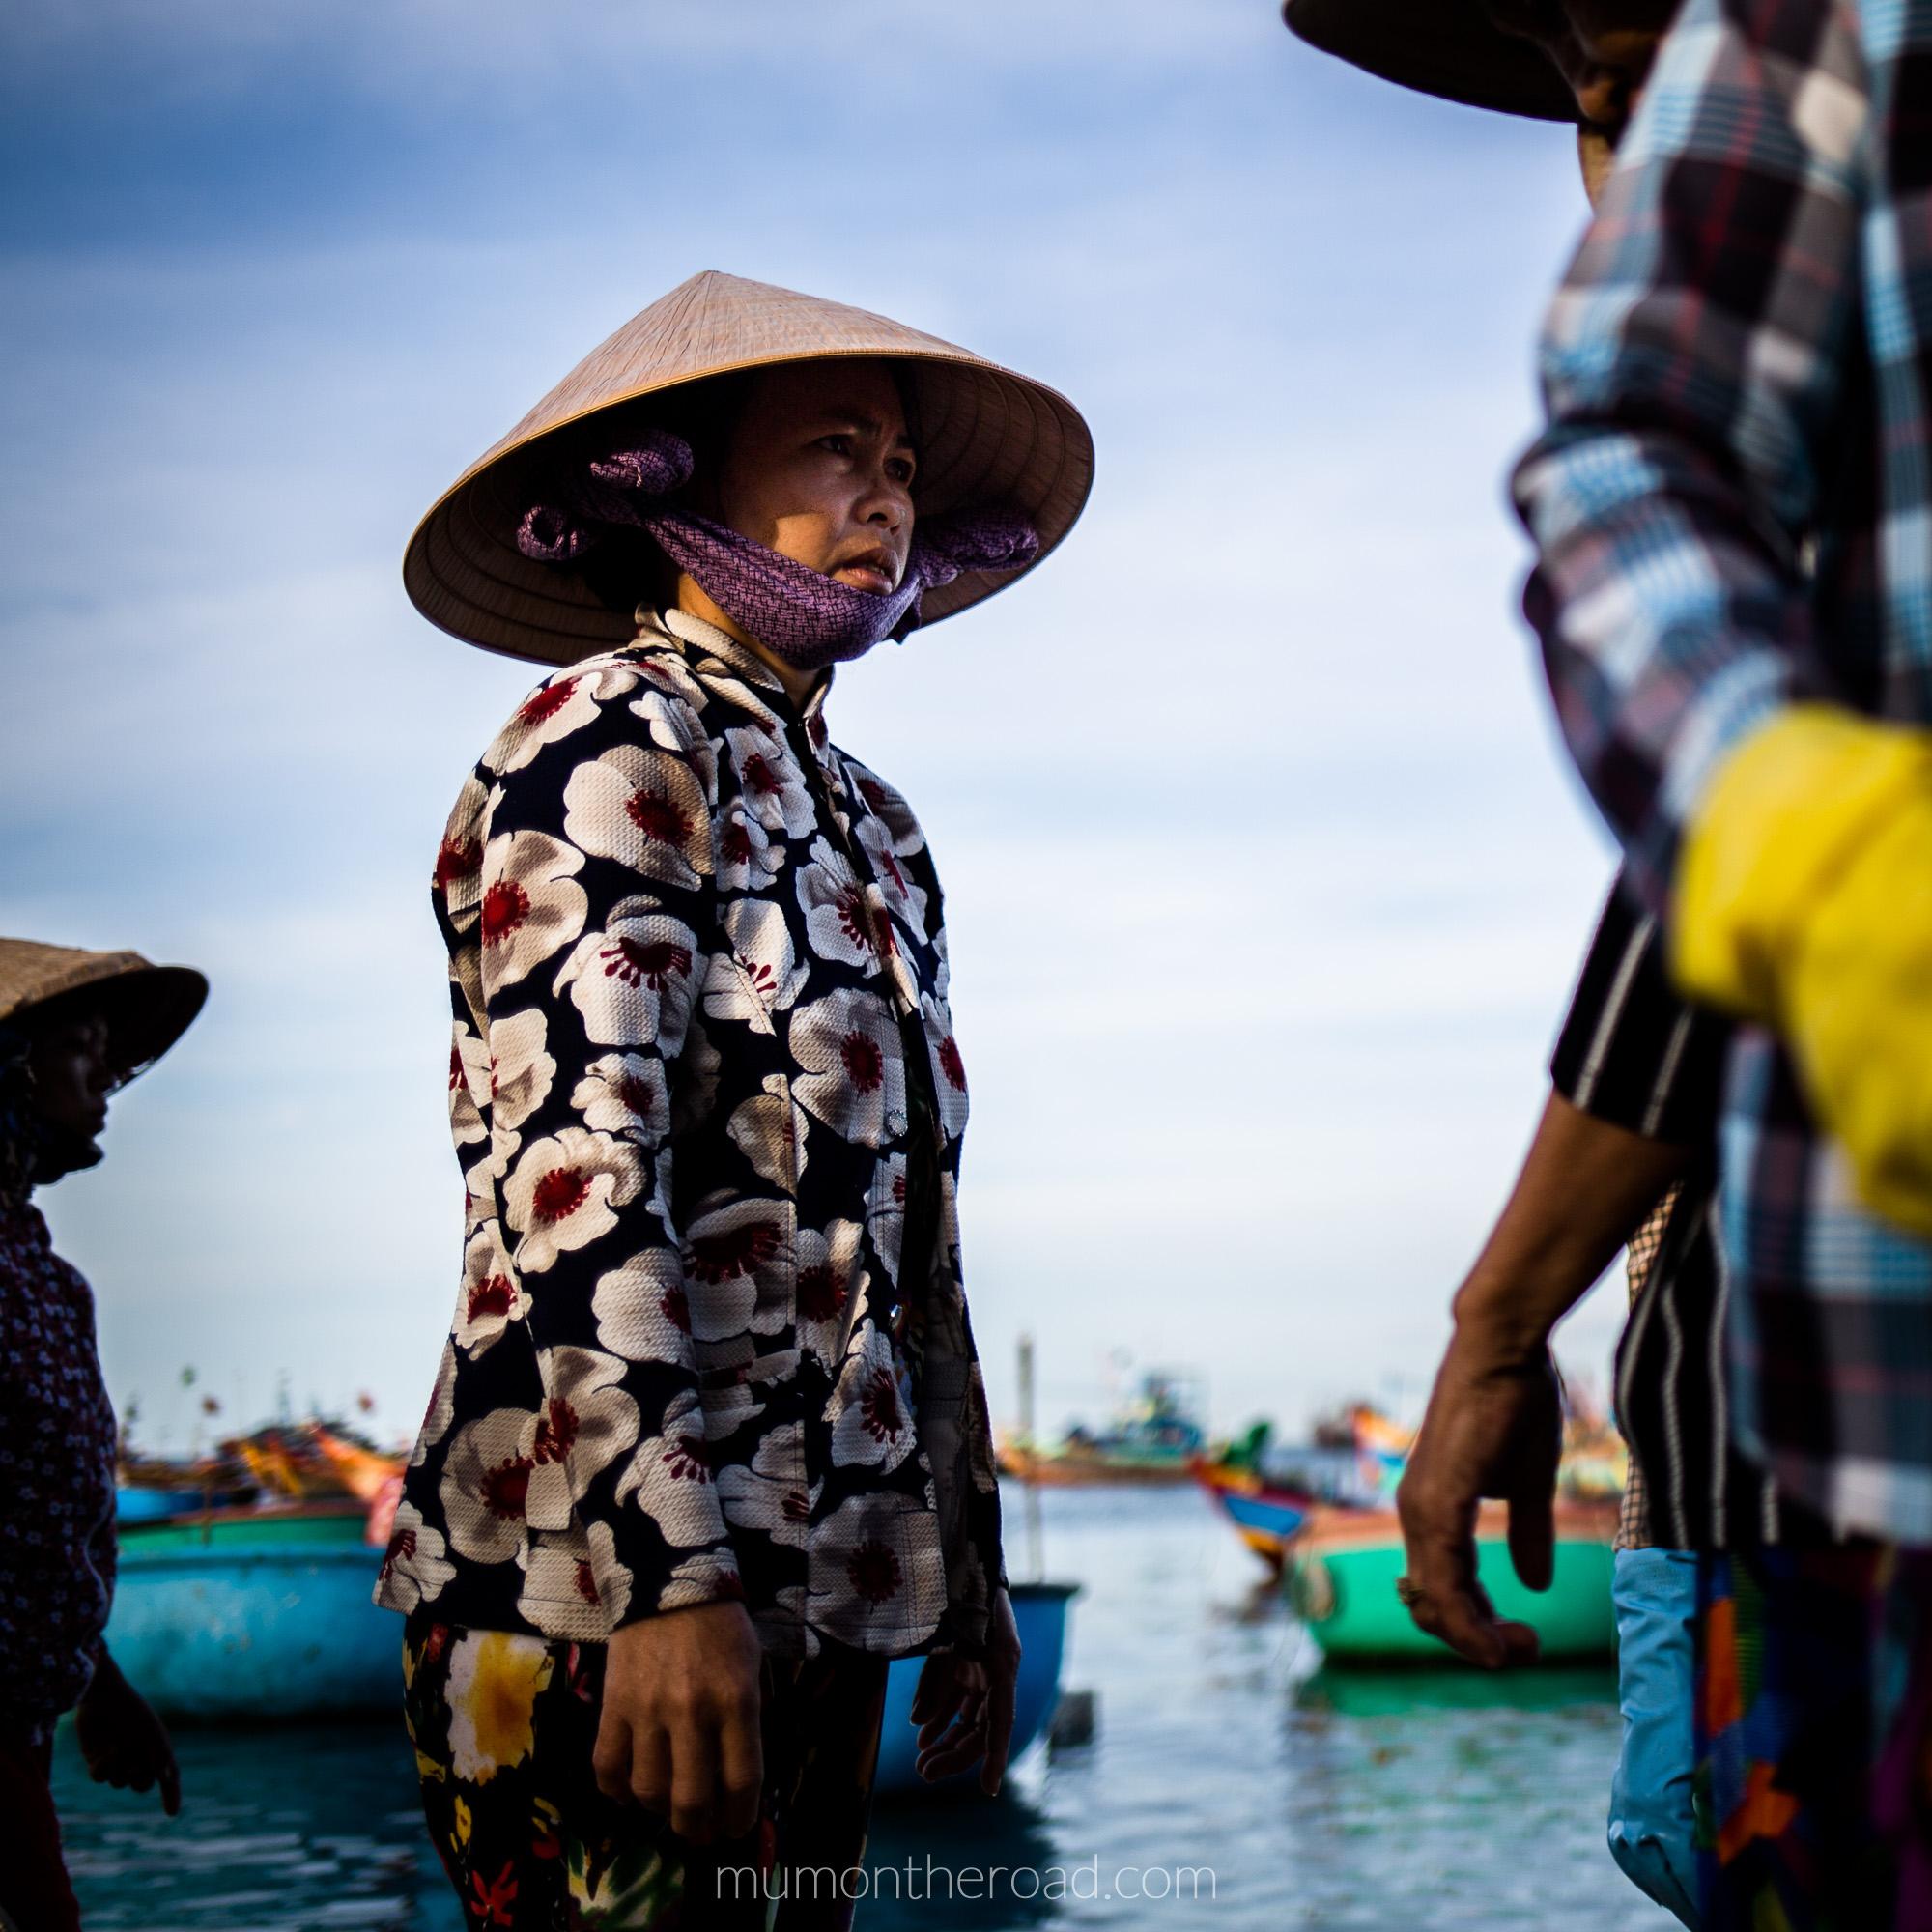 Vendeuse de poissons portant un chapeau conique au village des pêcheurs de Mui Ne au Vietnam